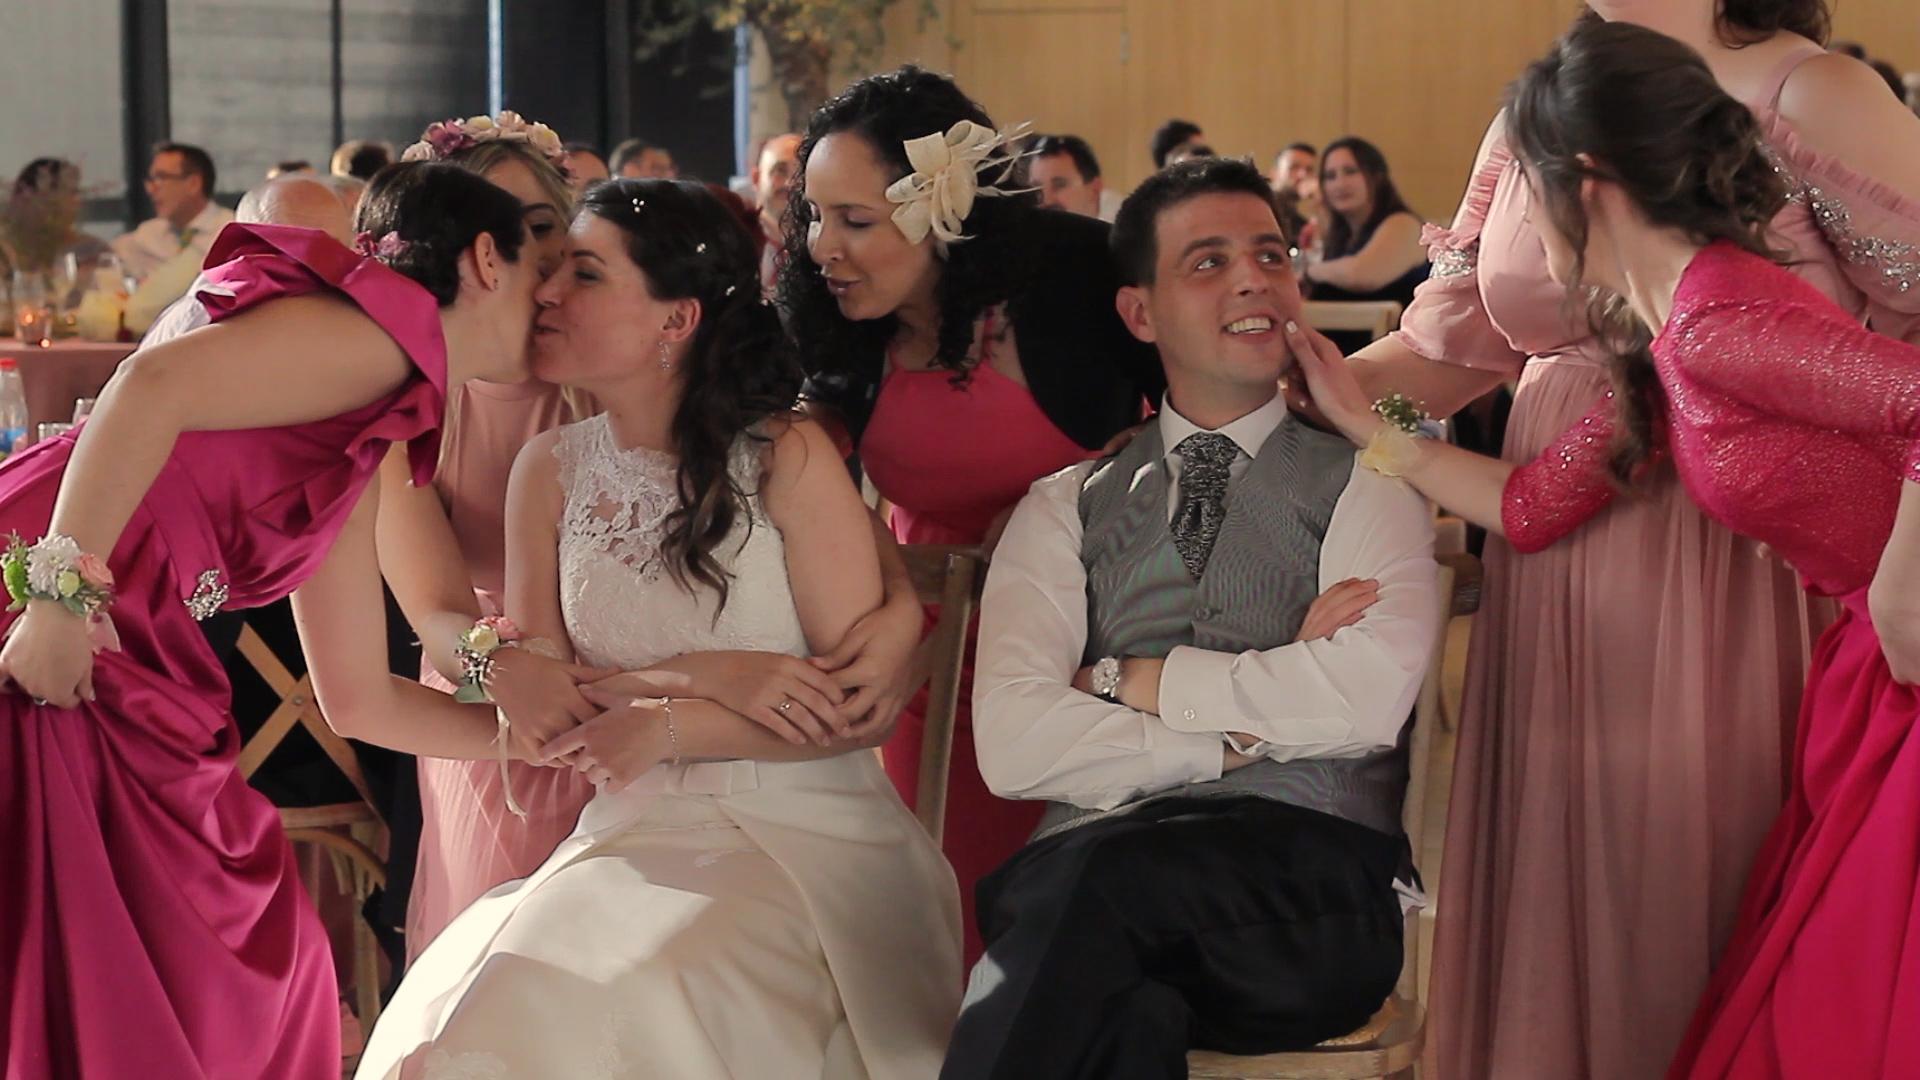 La pareja reciben una sorpresa de sus amigas en su boda en La Opera de Benicassim